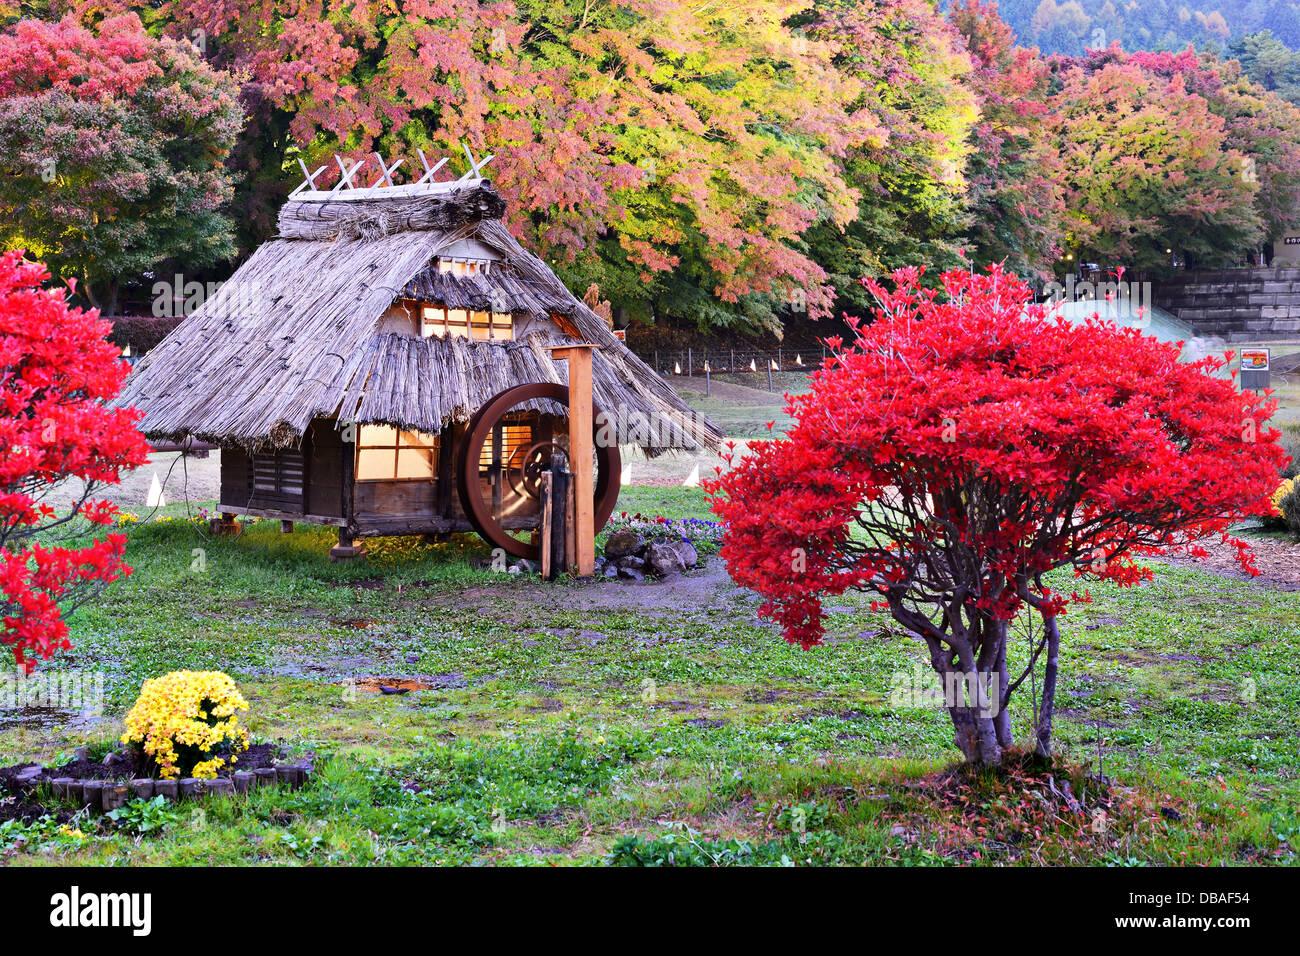 Abris et à l'automne feuillage dans Kawaguchi, le Japon. Photo Stock